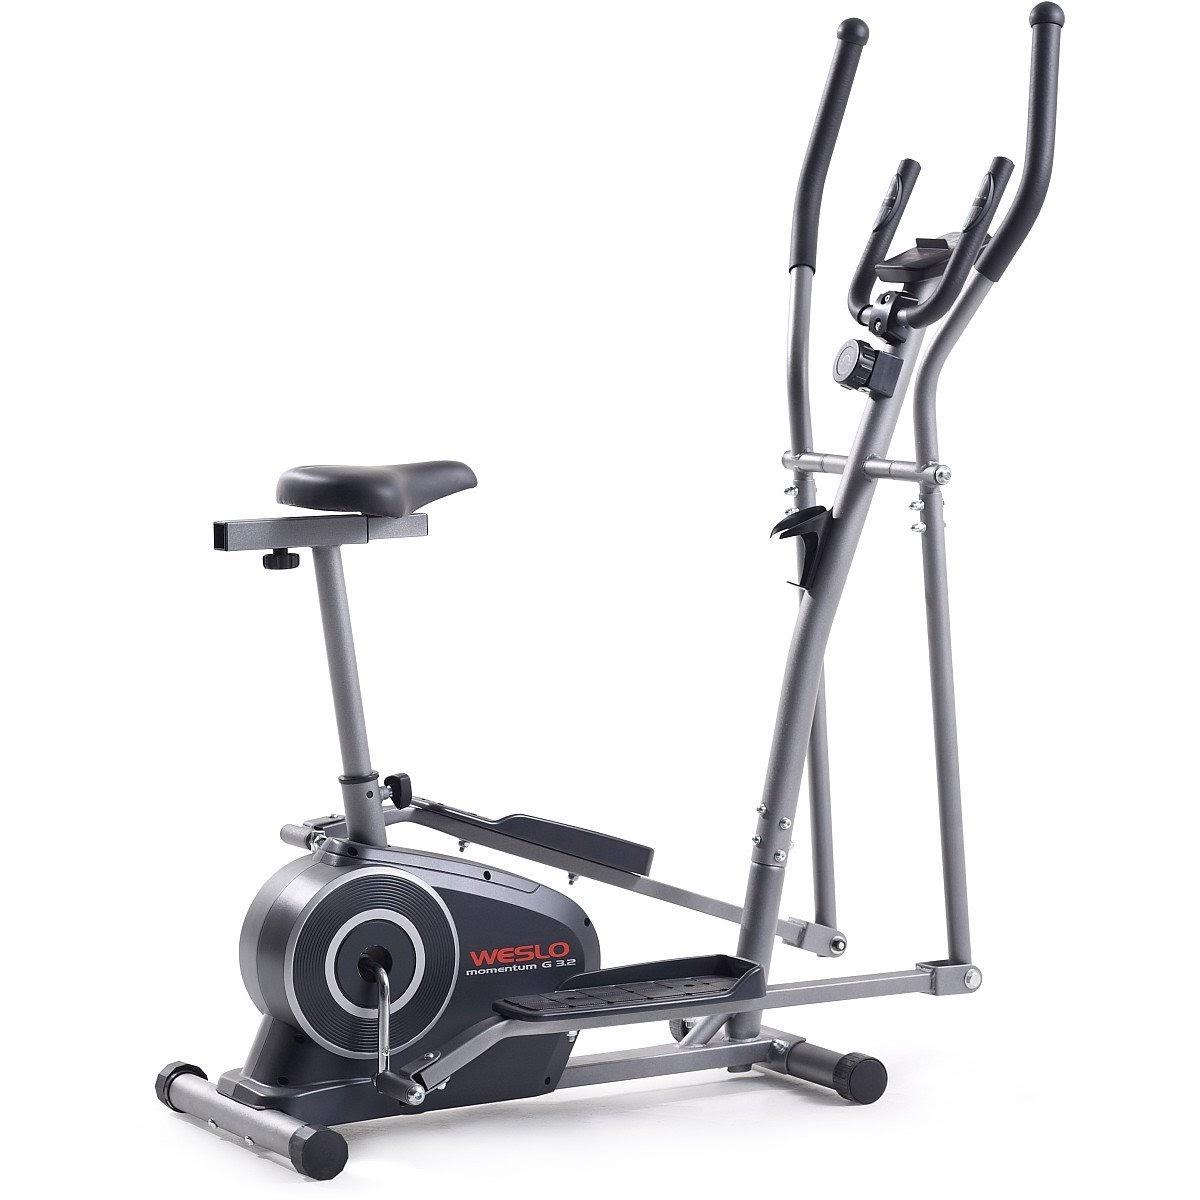 Exercise Bike Zone: Weslo Momentum G 3.2 Hybrid Trainer